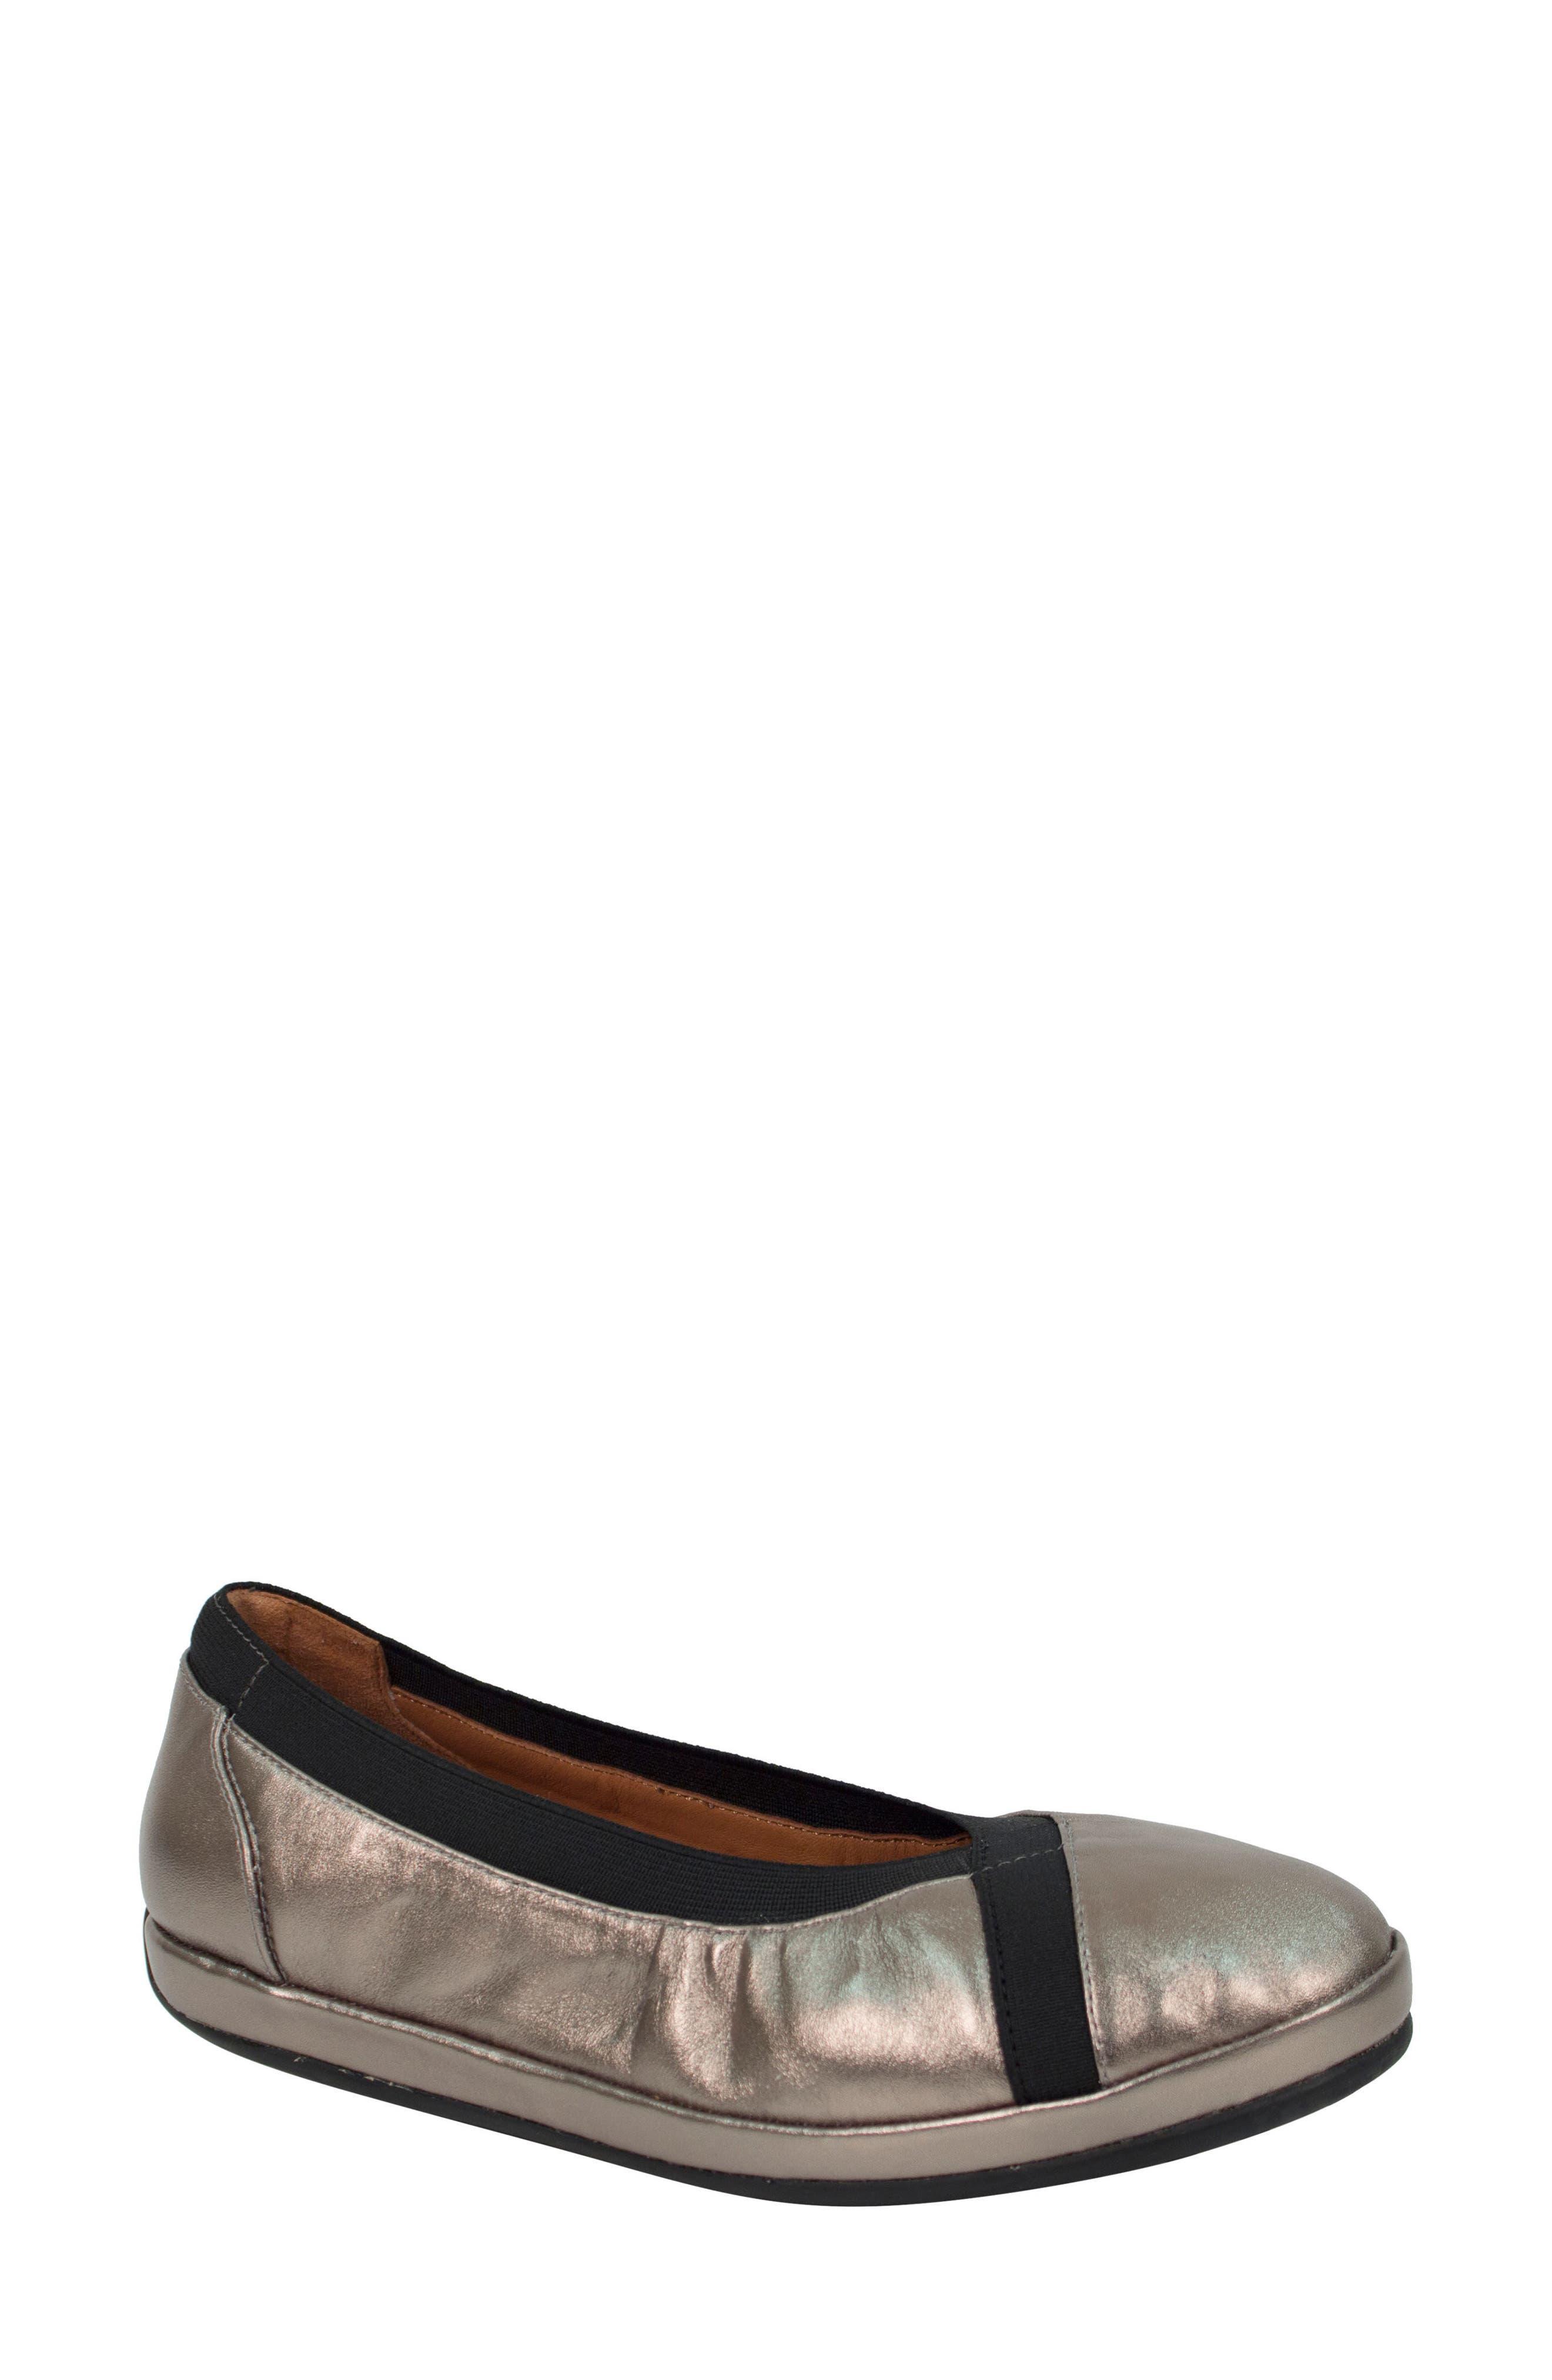 Yerusha Flat,                         Main,                         color, Pewter Leather